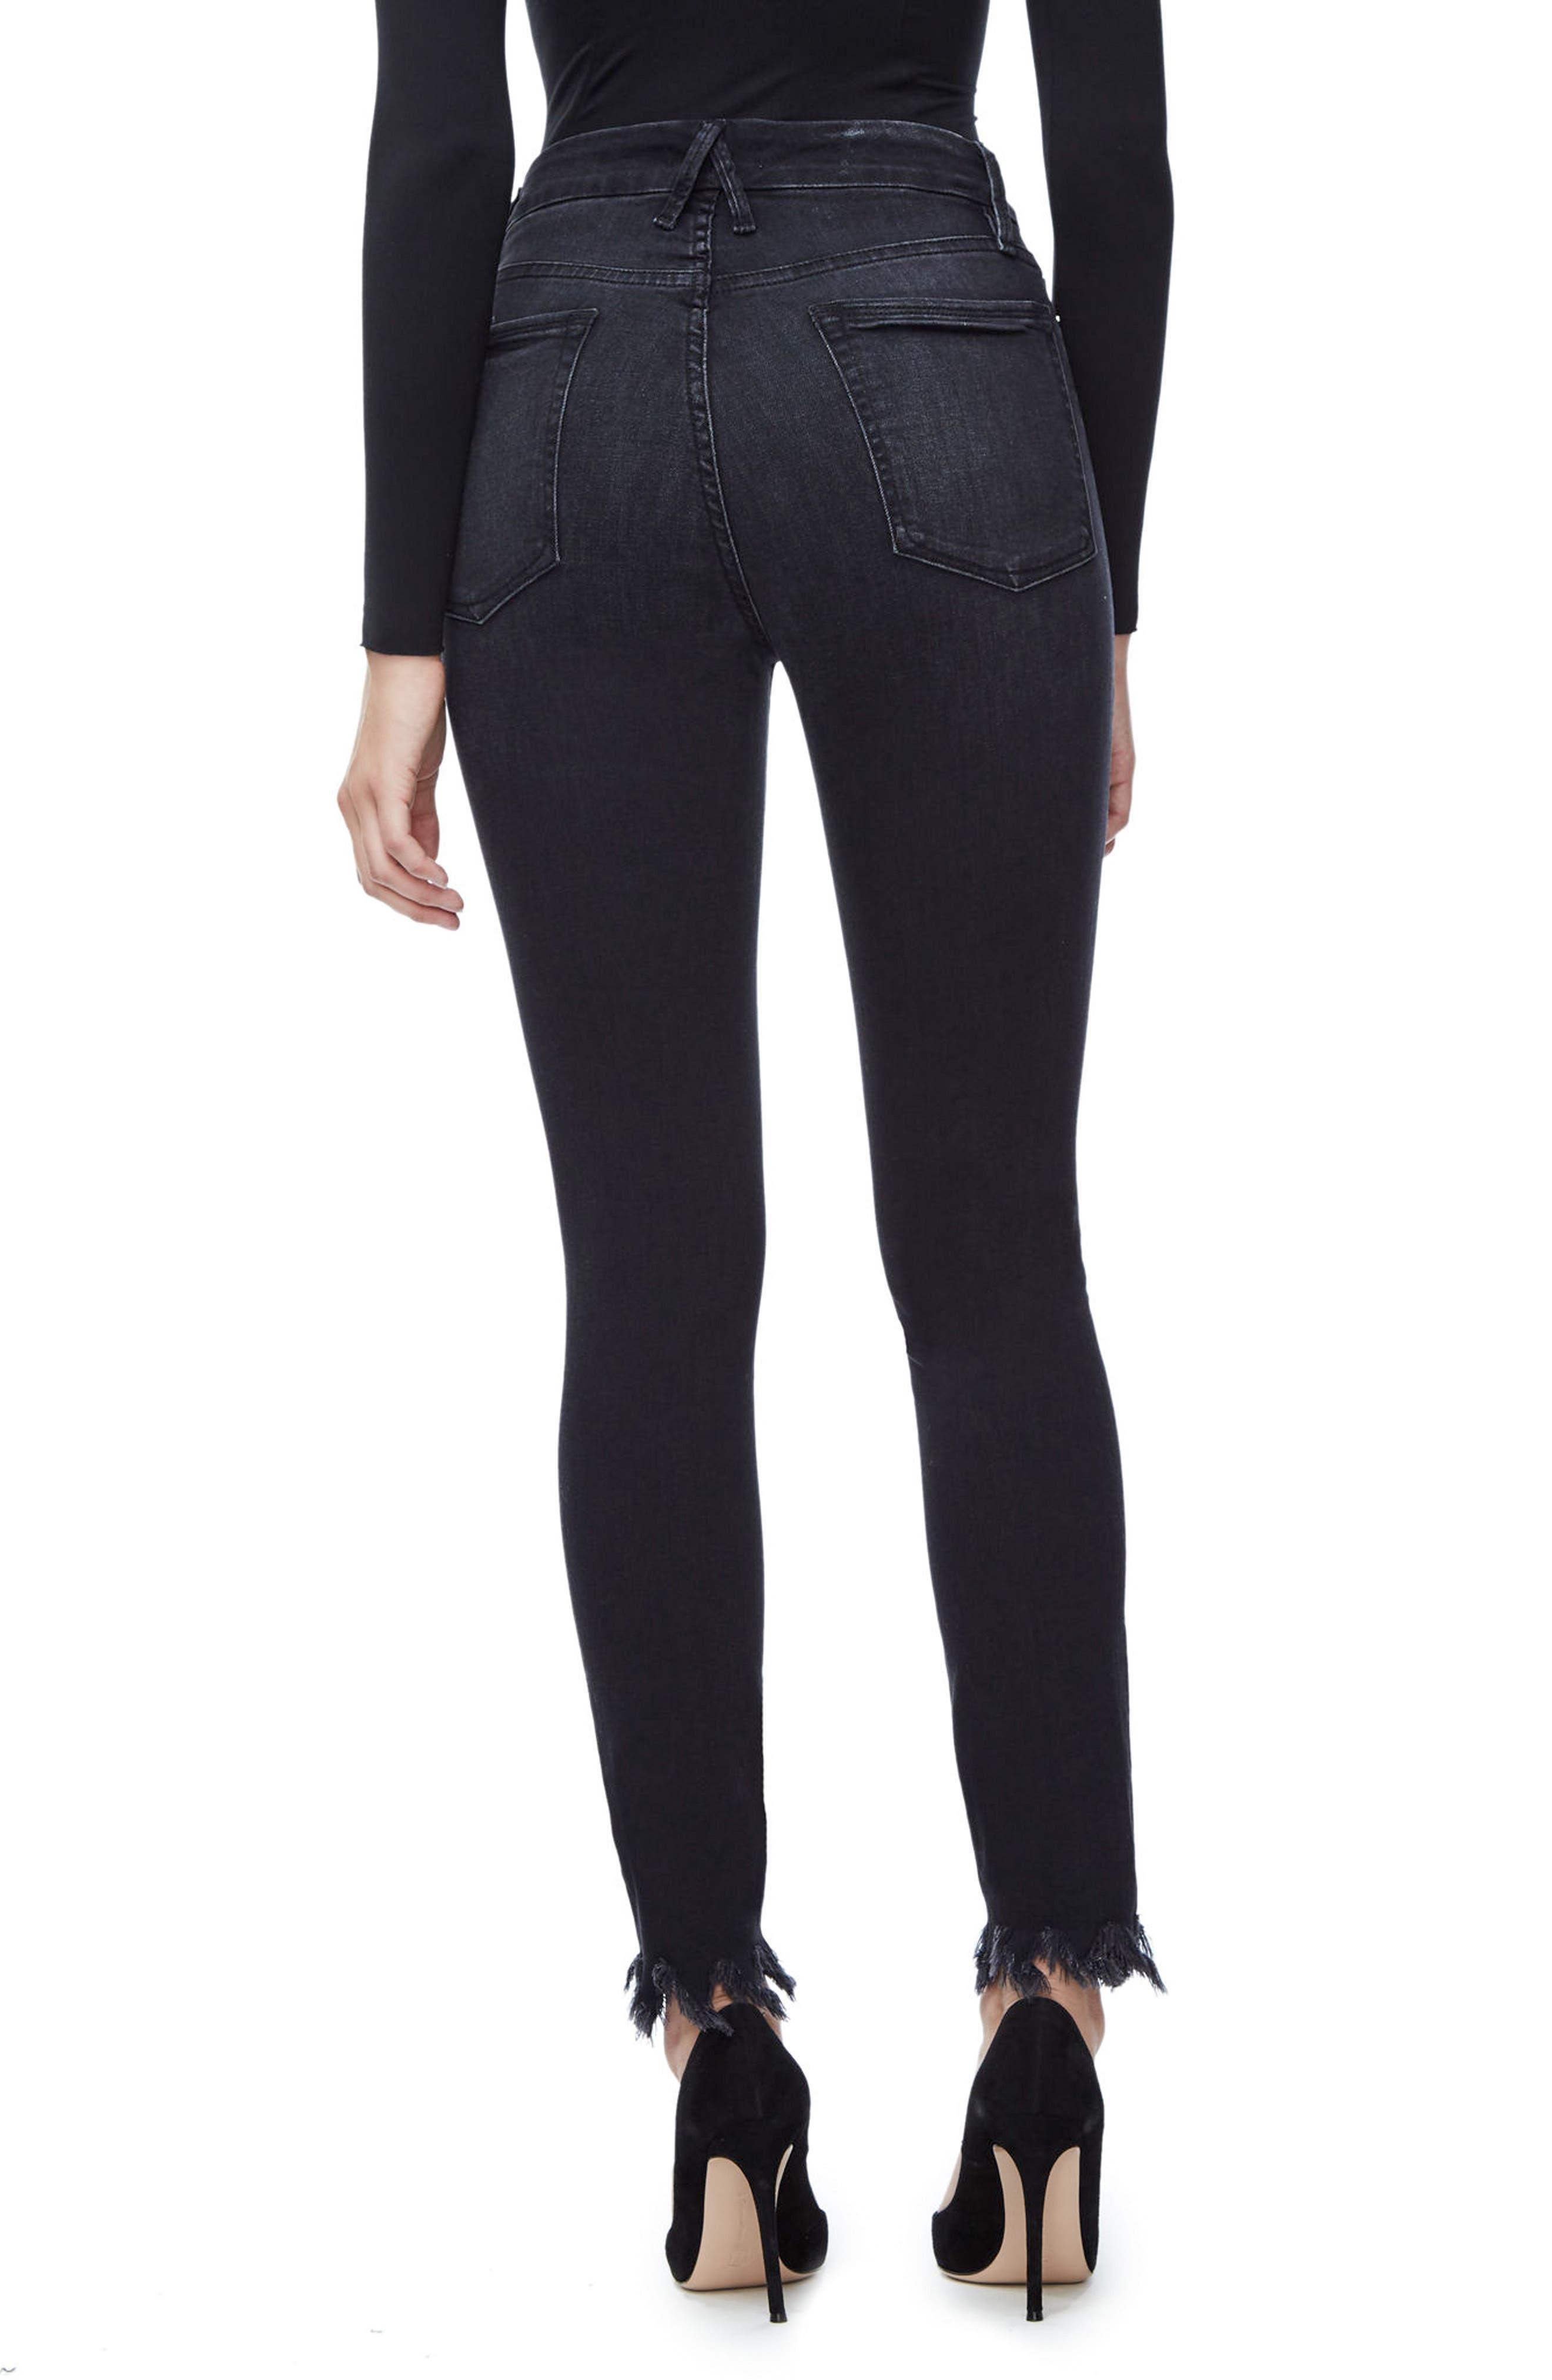 Alternate Image 2  - Good American Good Waist Fray Hem Skinny Jeans (Black 012) (Extended Sizes)